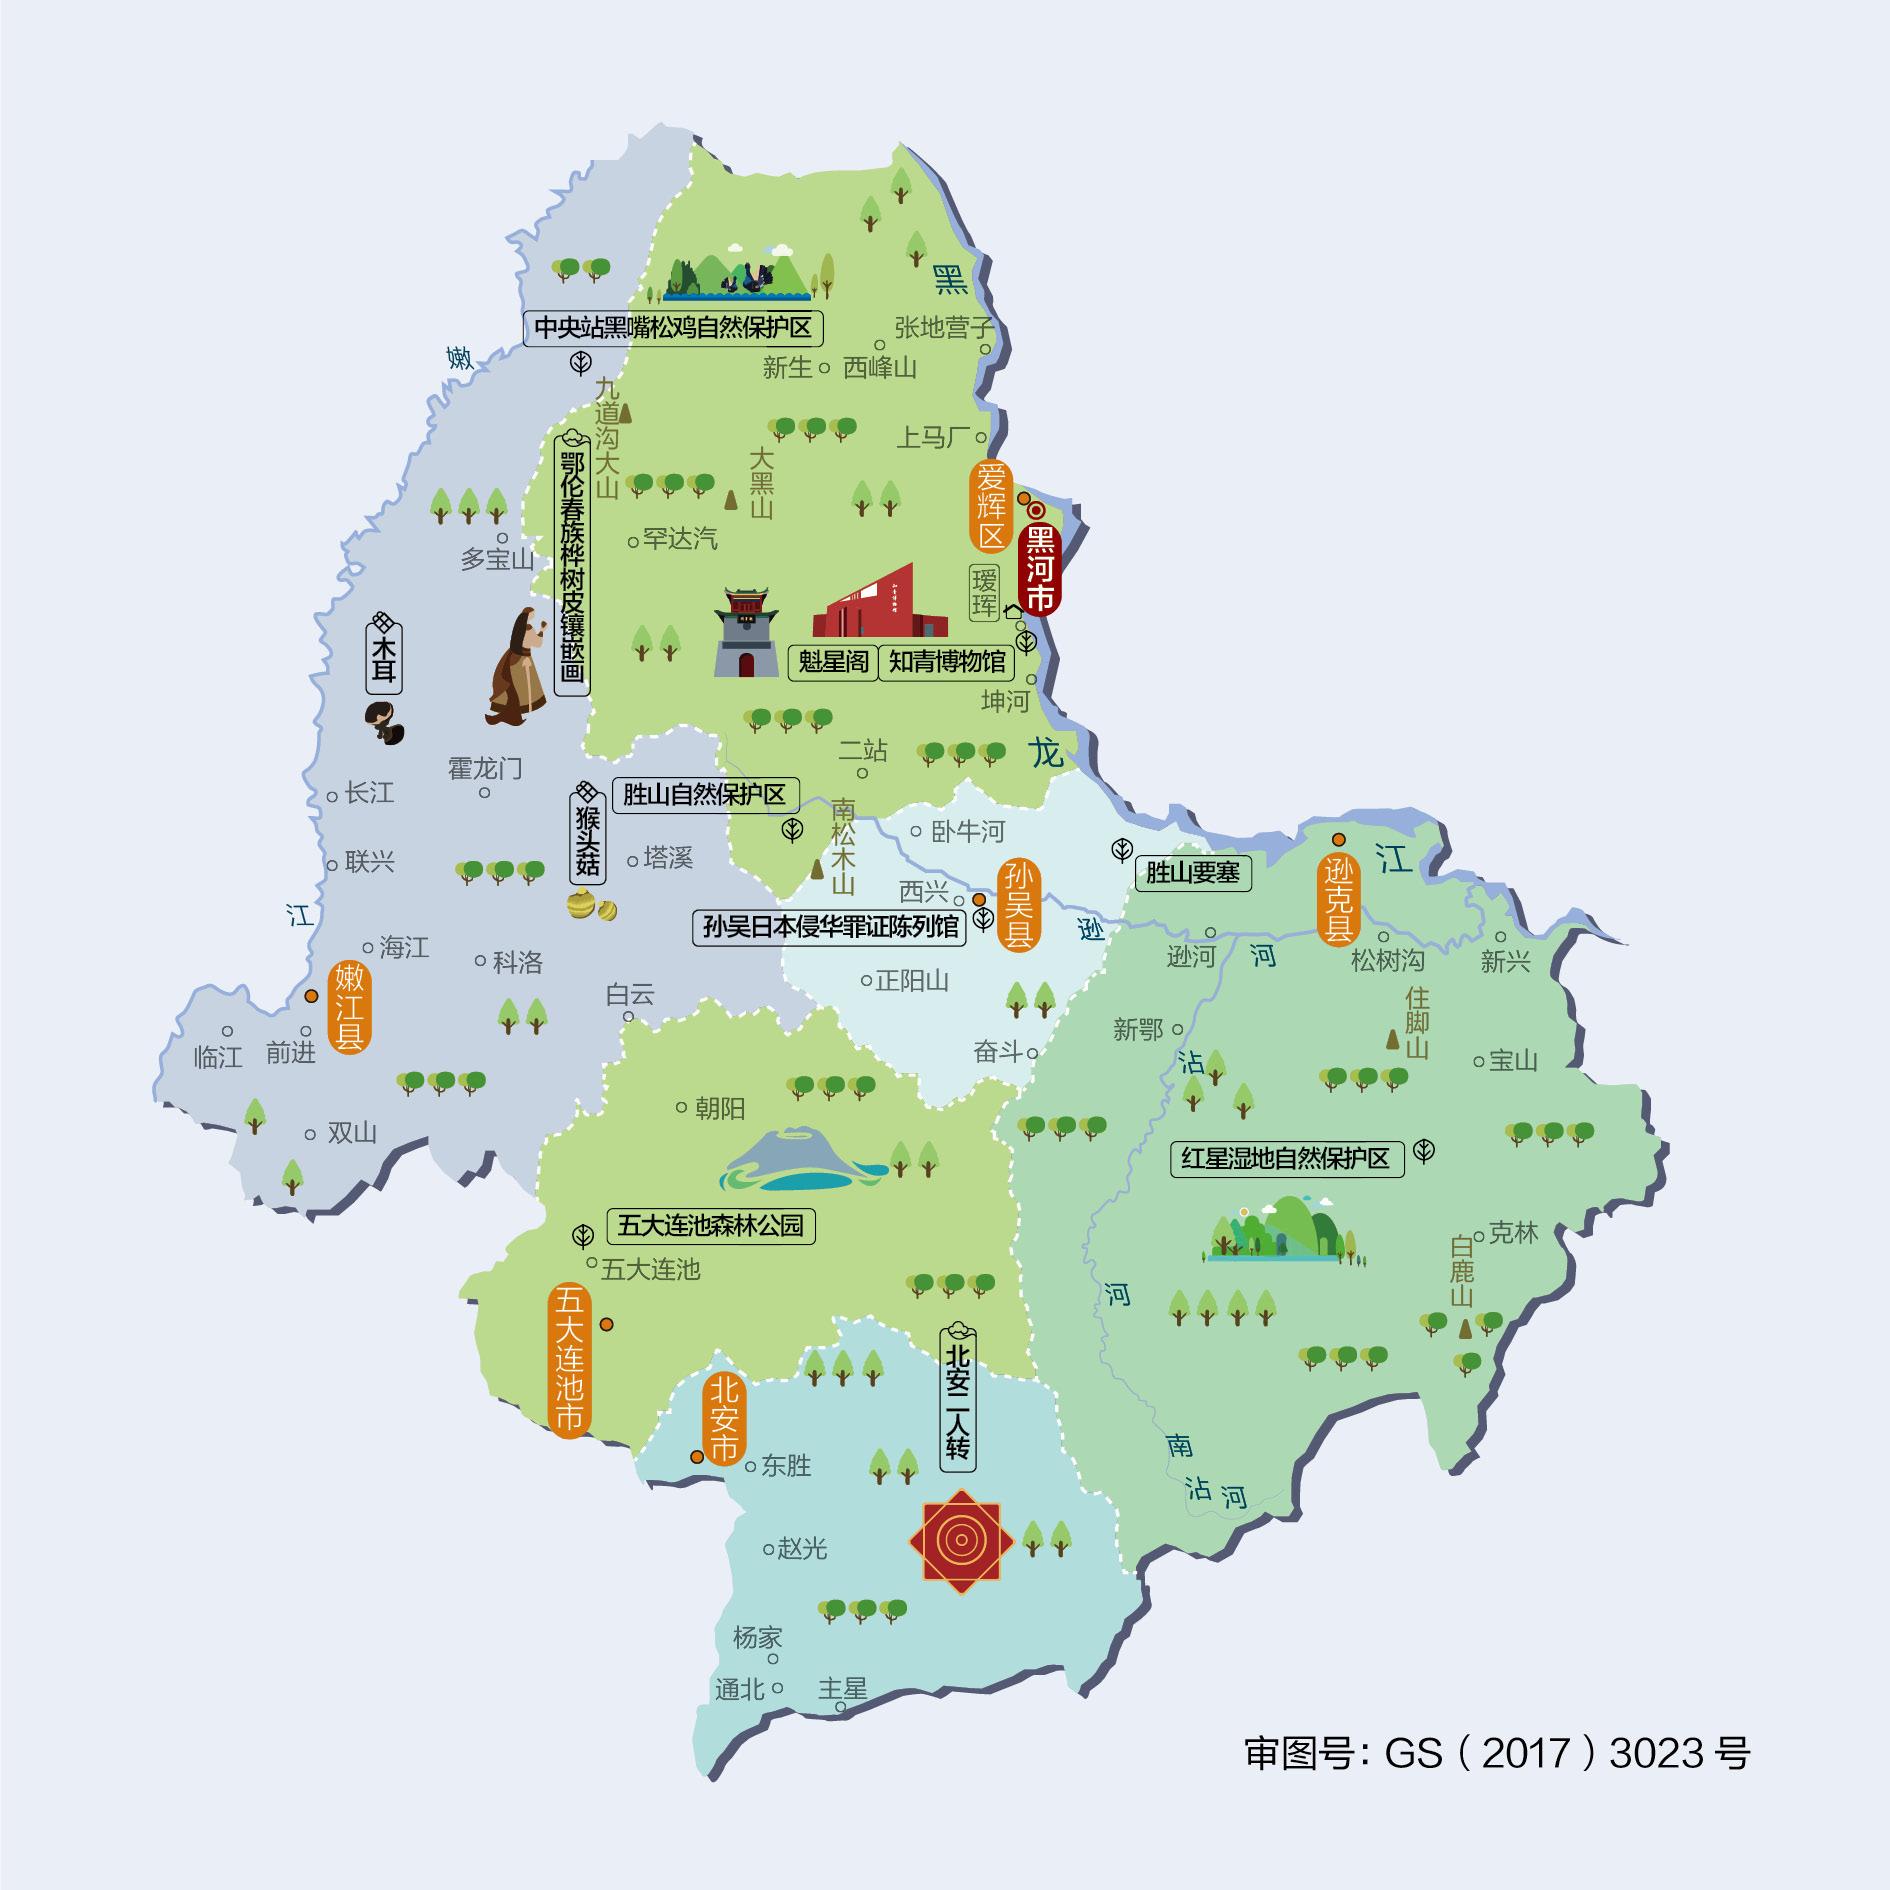 黑龙江省桦南县地图_黑龙江省黑河市人文地图_黑河地图库_地图窝